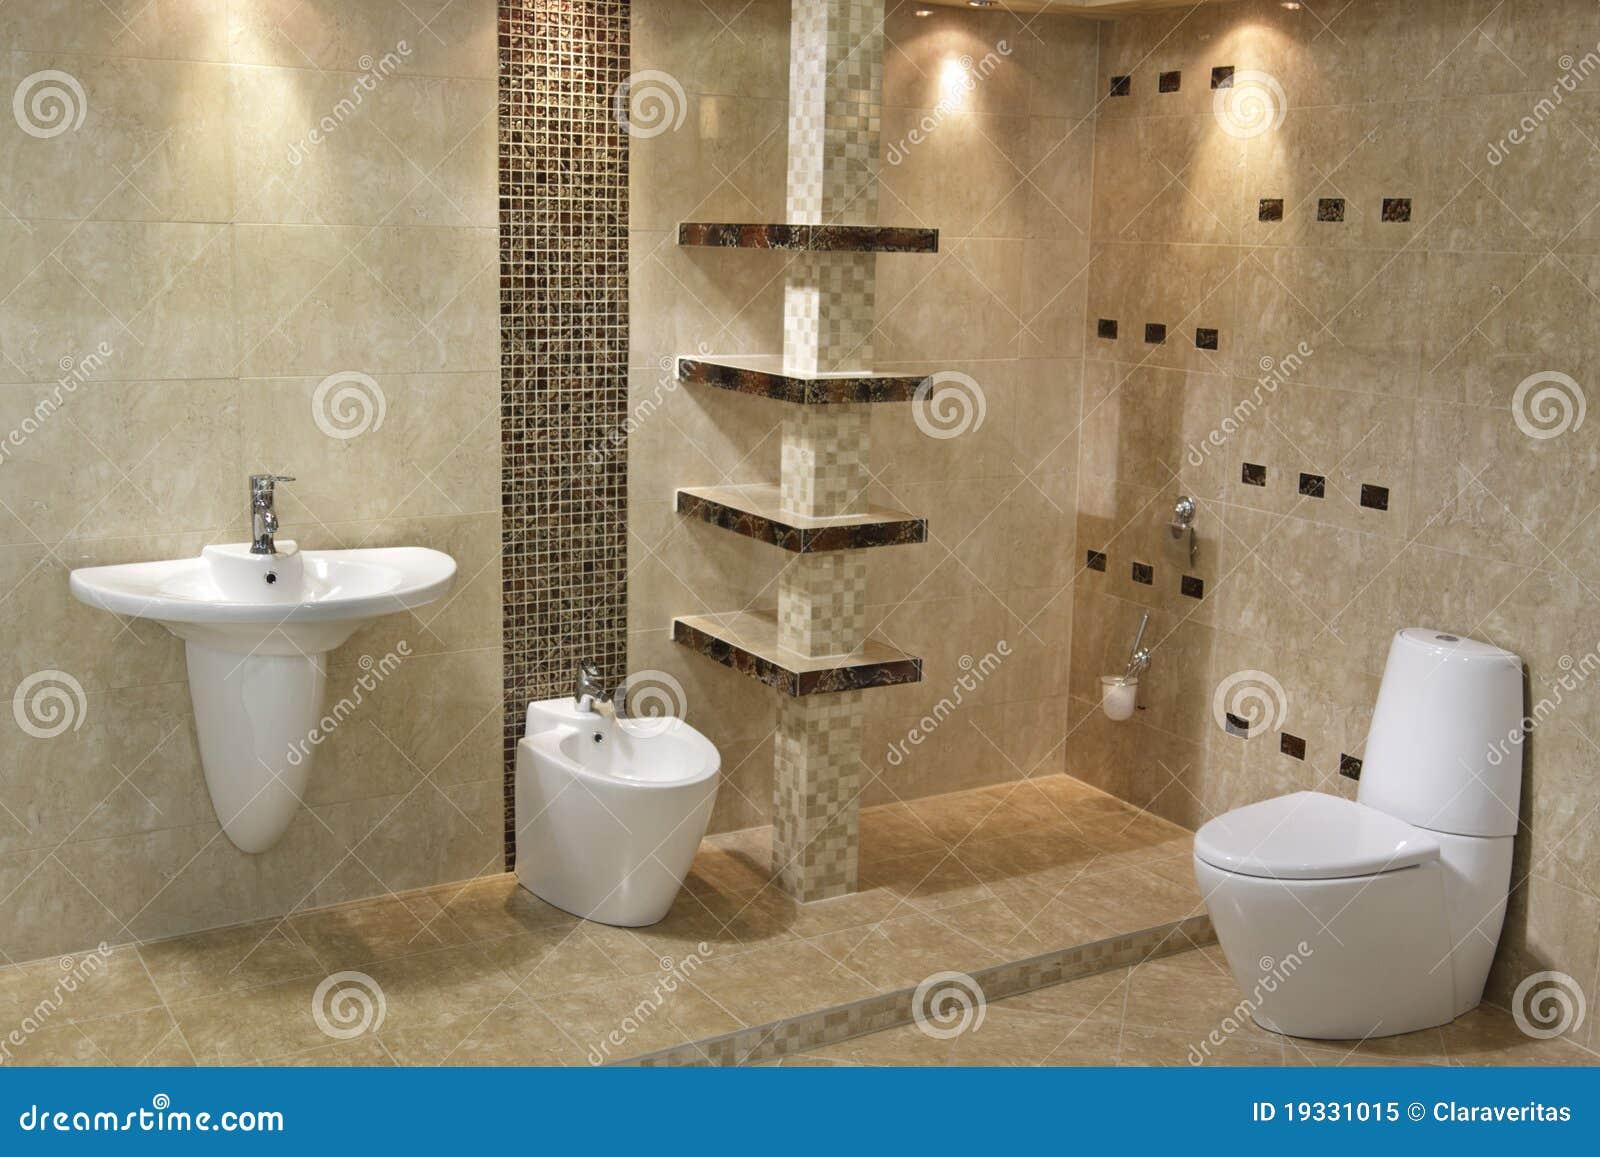 Baños Visita Modernos:Foto de archivo libre de regalías: Interior minimalista del cuarto de